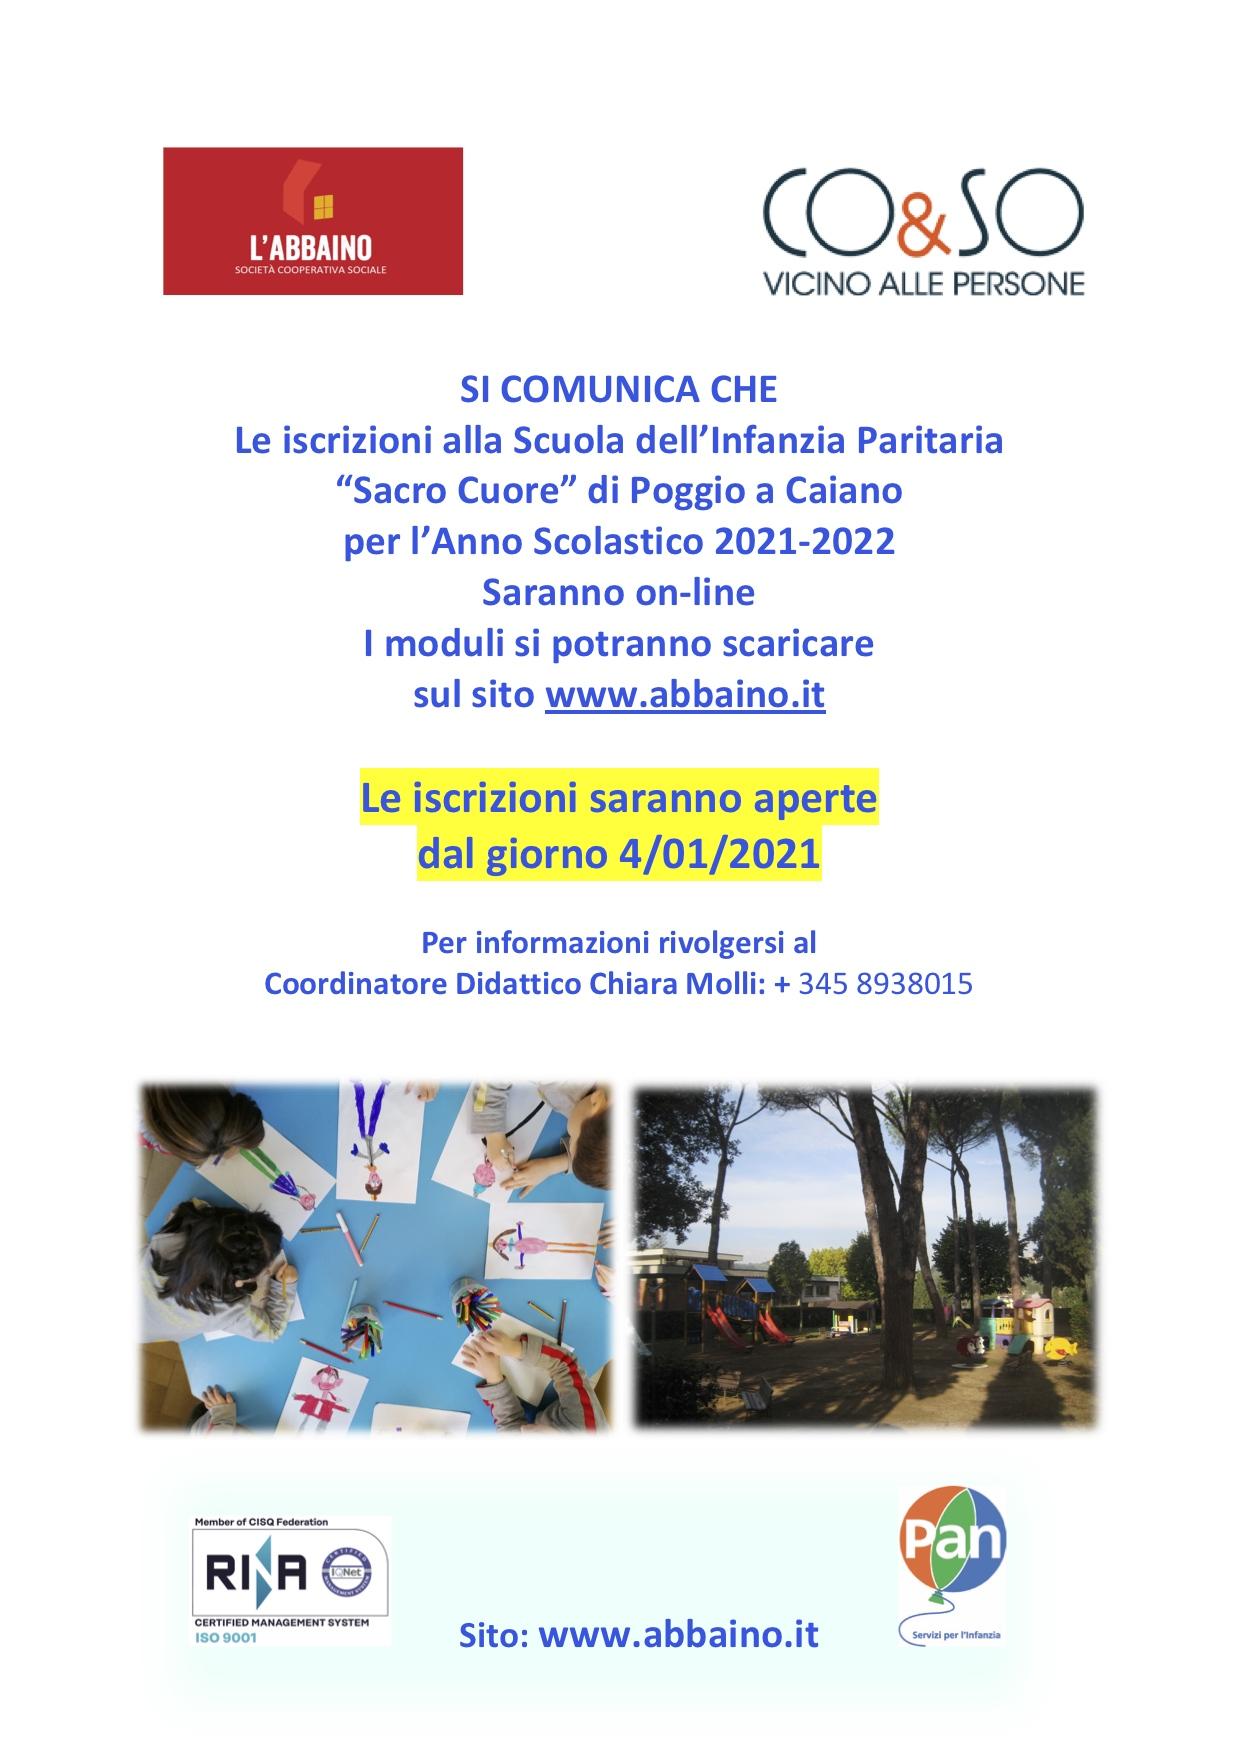 """Iscrizioni 2021/2022 alla Scuola dell'Infanzia Paritaria """"Sacro Cuore"""" di Poggio a Caiano"""